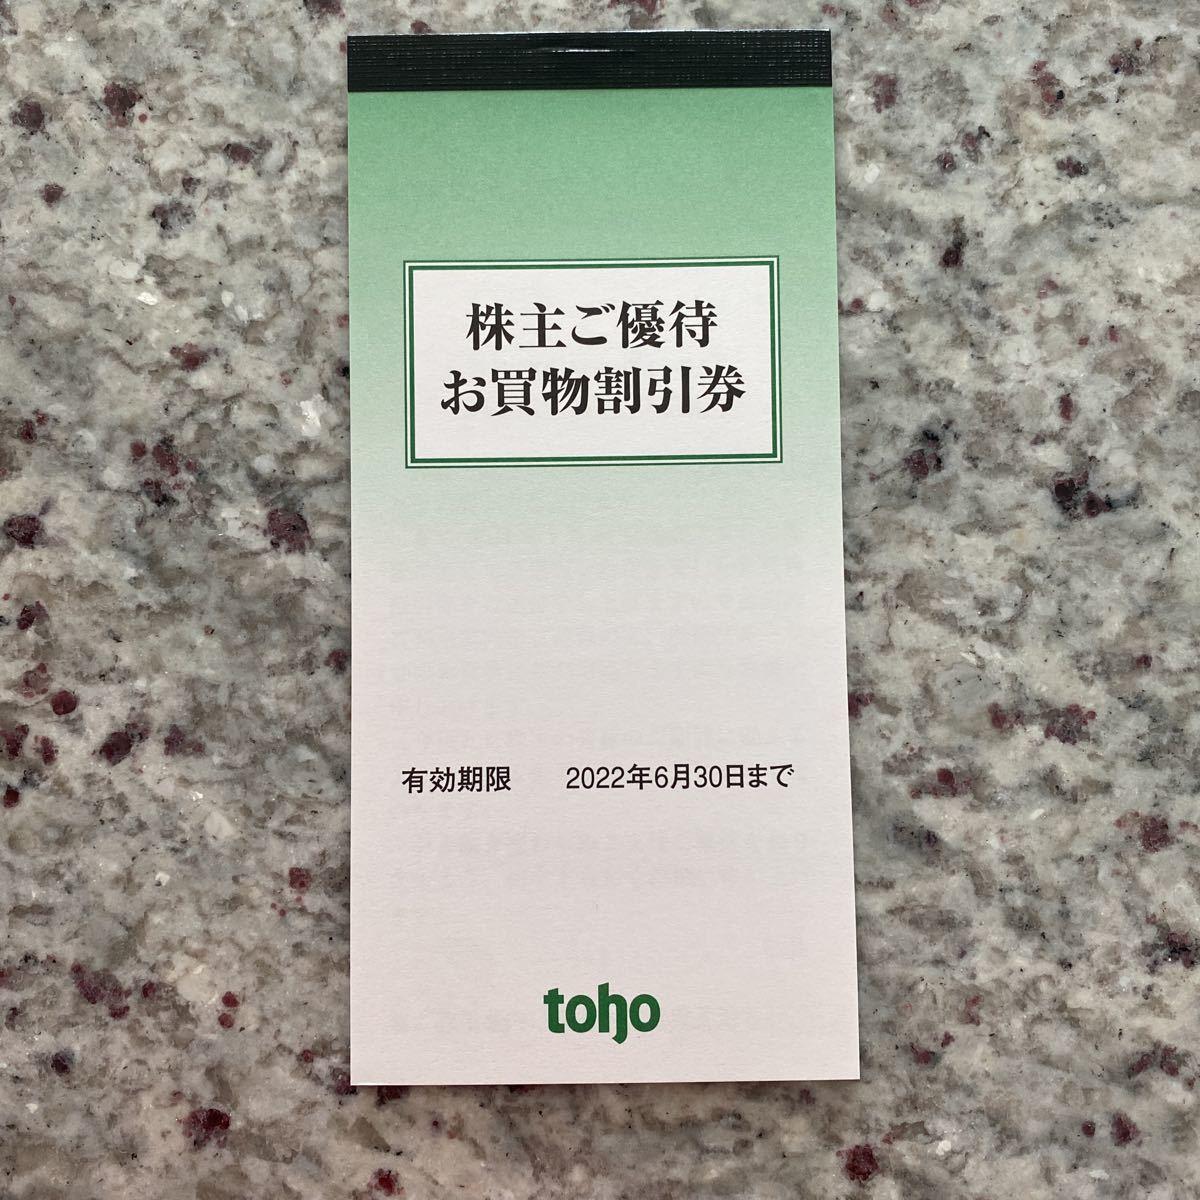 最新★tohoトーホー 株主優待お買物割引券 5000円分 2022年6月まで